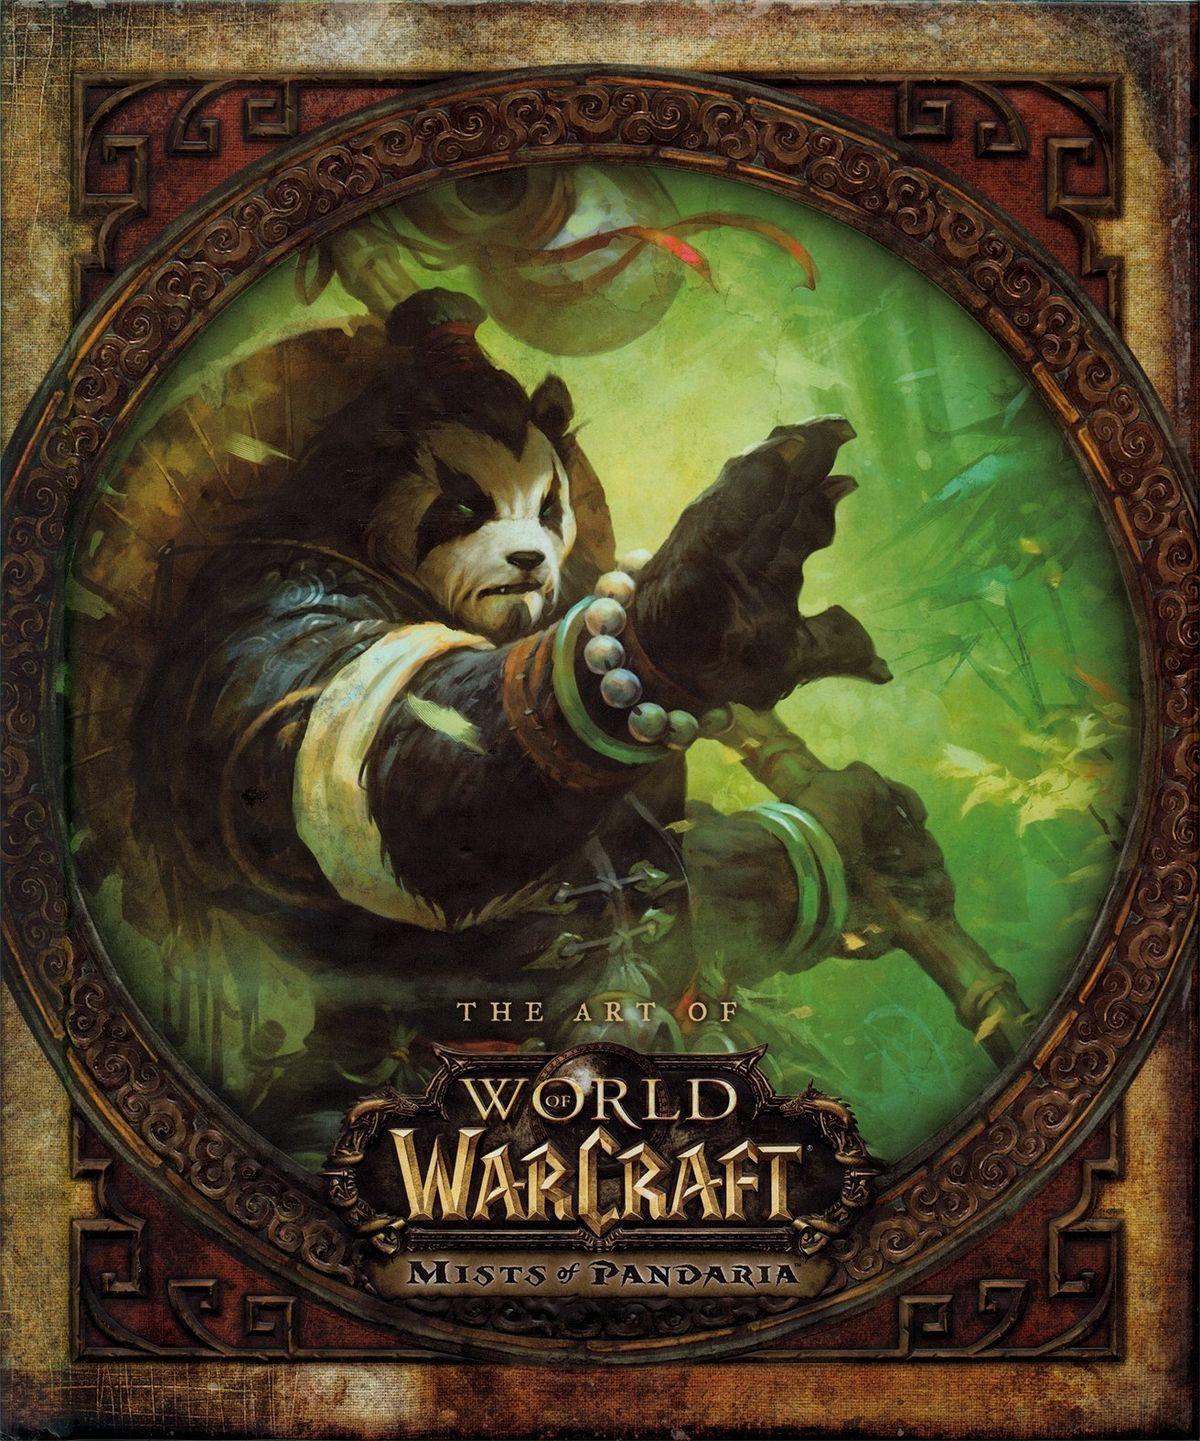 art  world  warcraft mists  pandaria wowpedia  wiki guide   world